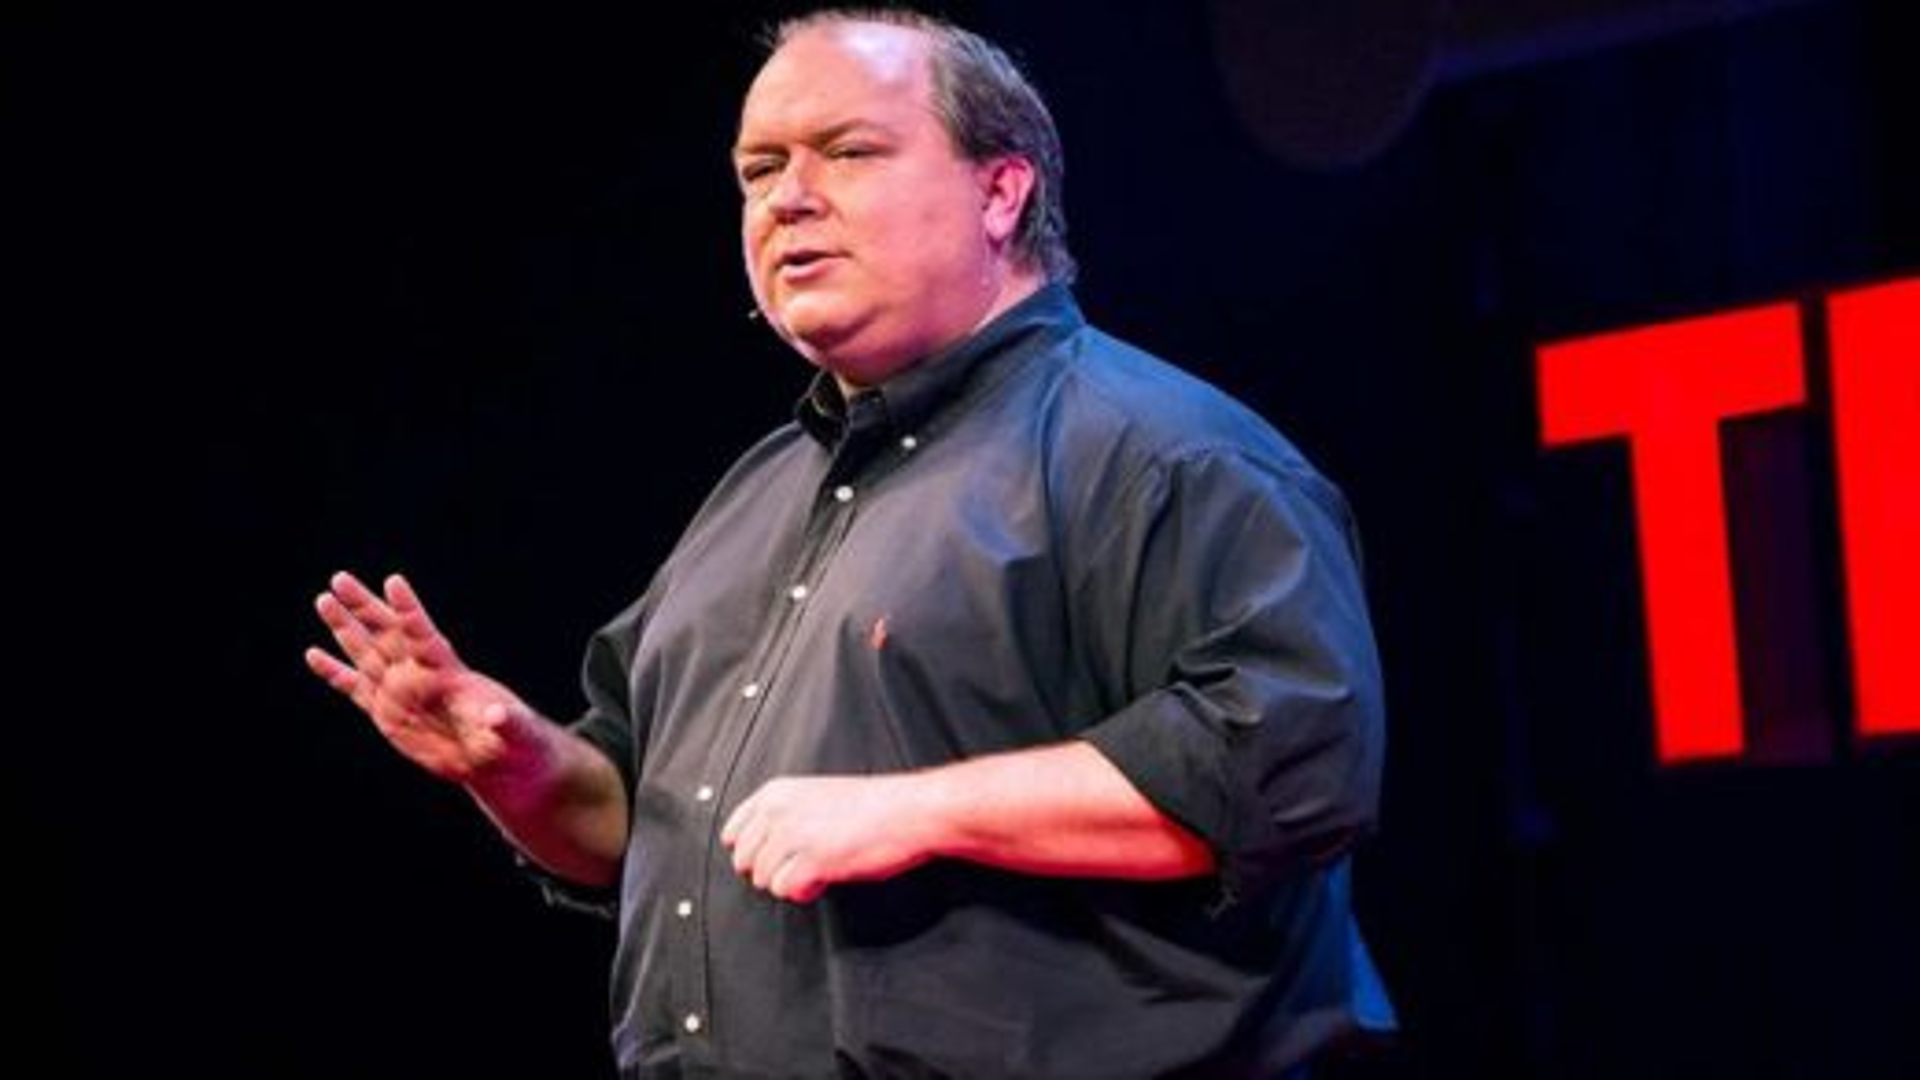 سخنرانی های تد؛ چطور حافظه کاری معنی دنیا را درک می کند | فیلم